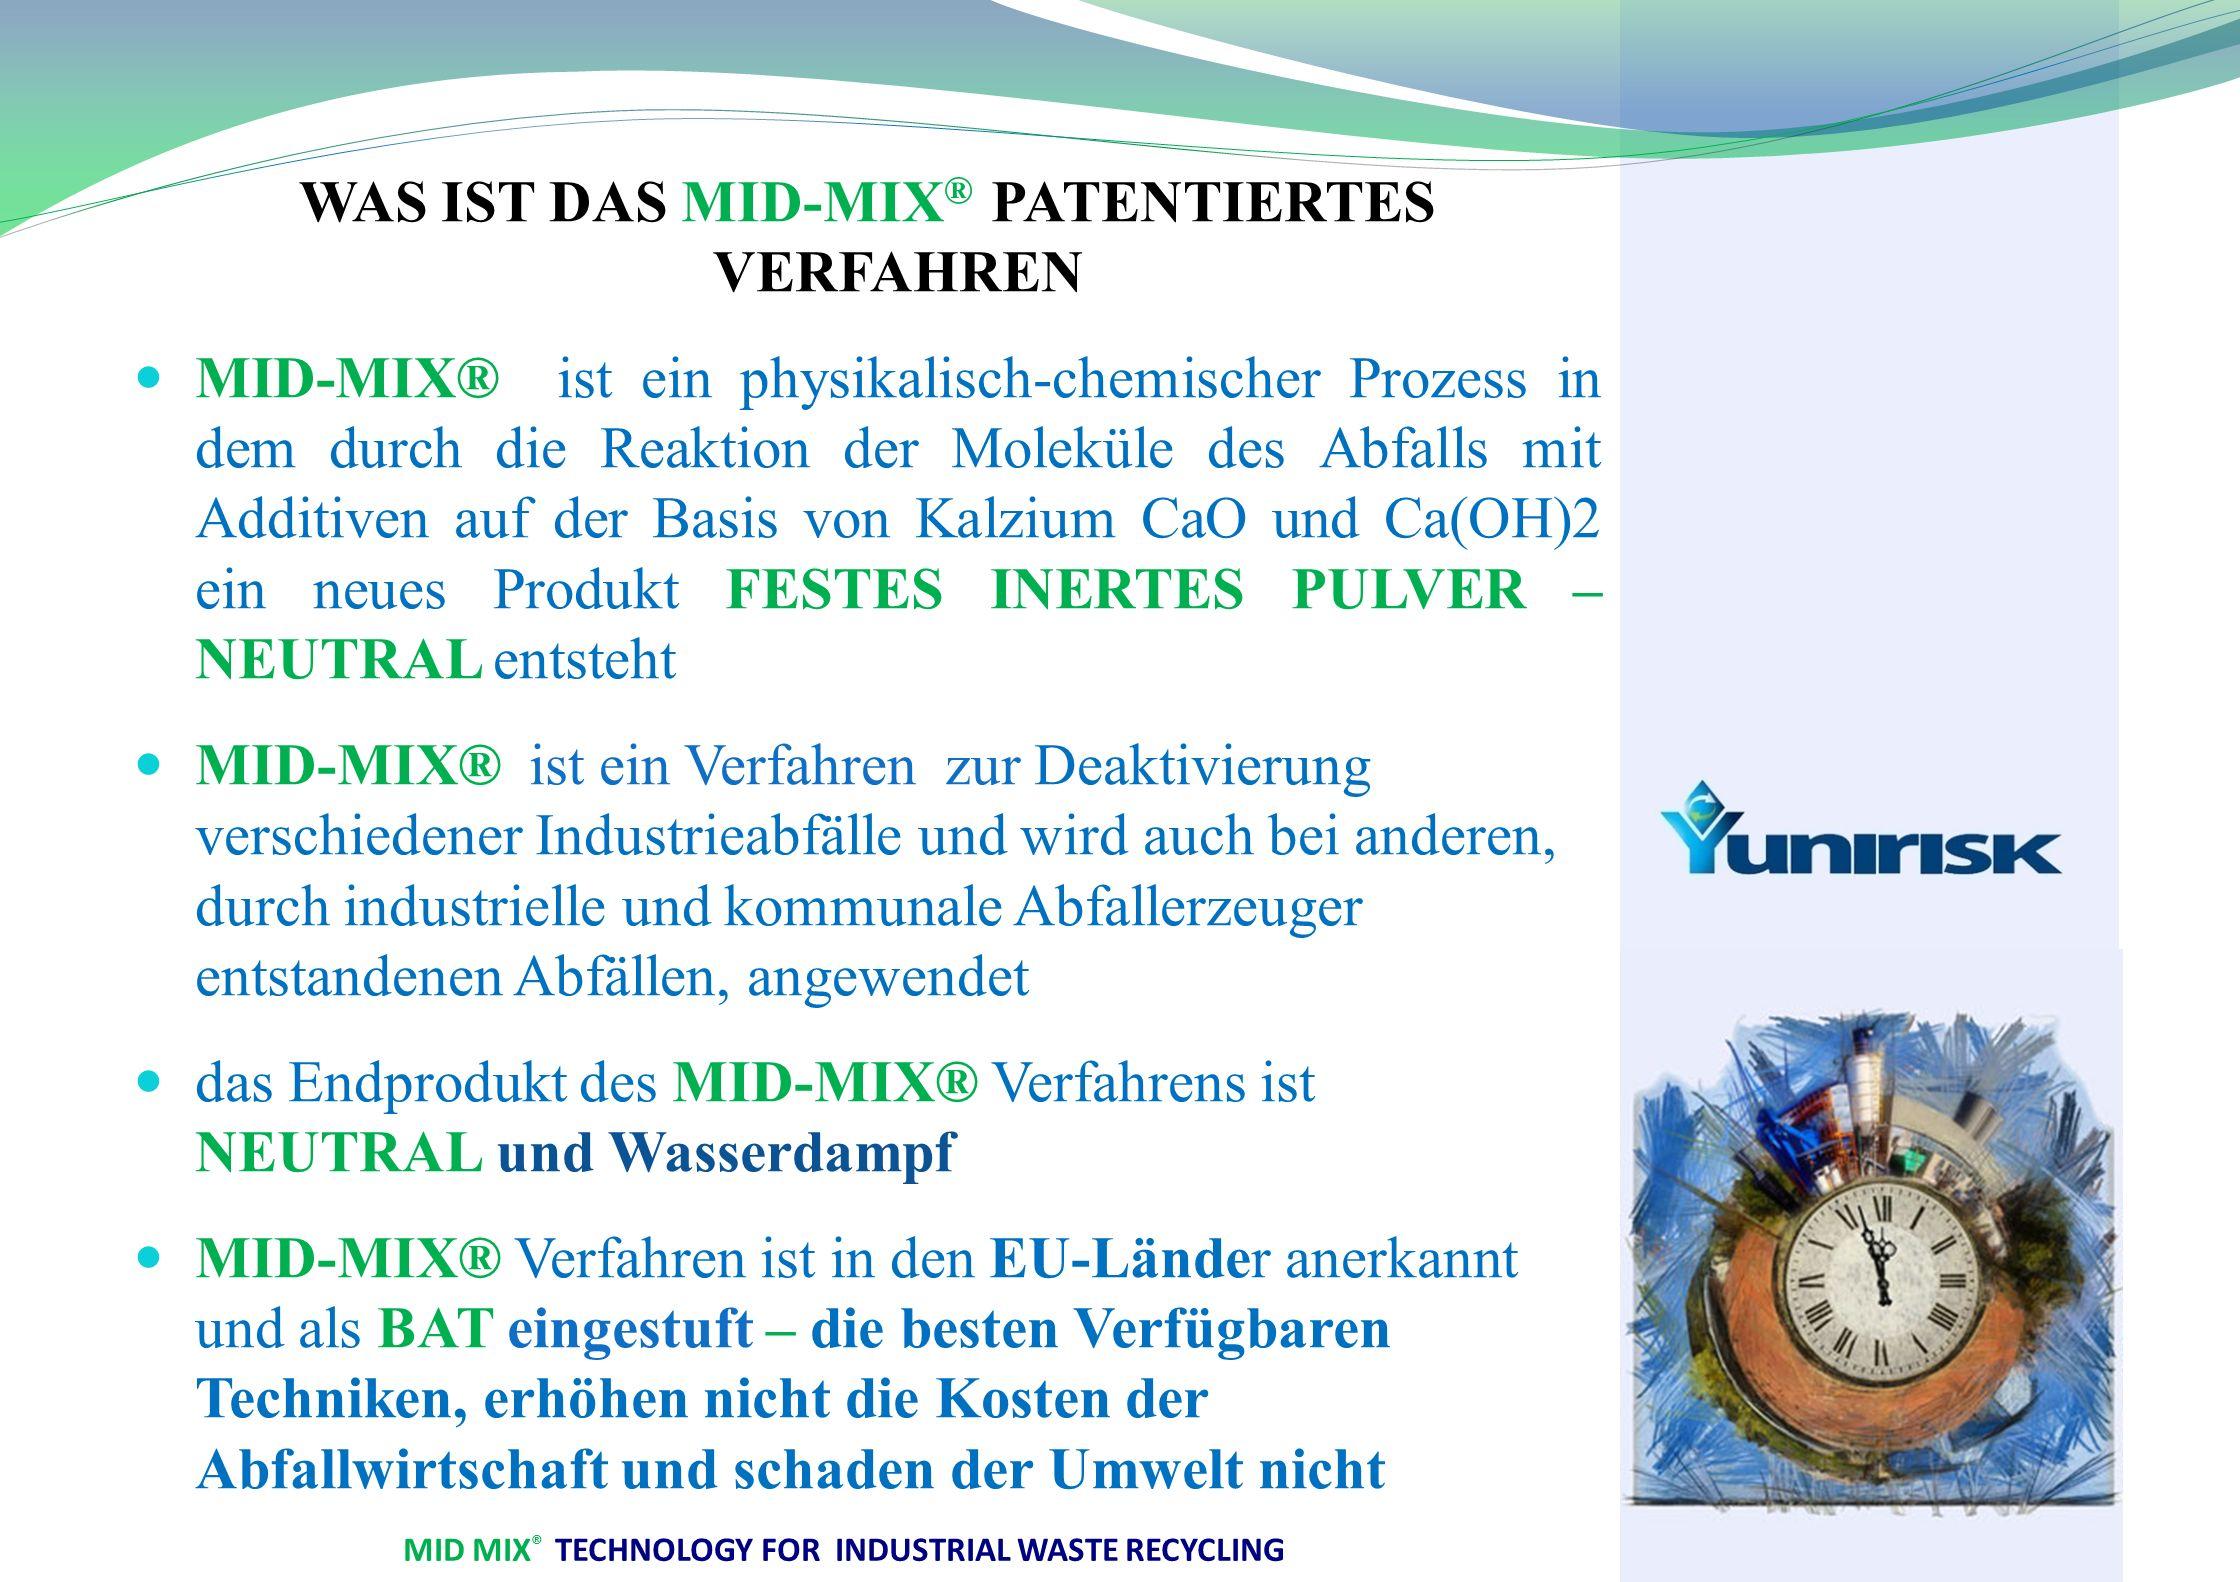 MID MIX ® TECHNOLOGY FOR INDUSTRIAL WASTE RECYCLING WAS IST DAS MID-MIX ® PATENTIERTES VERFAHREN MID-MIX® ist ein physikalisch-chemischer Prozess in dem durch die Reaktion der Moleküle des Abfalls mit Additiven auf der Basis von Kalzium CaO und Ca(OH)2 ein neues Produkt FESTES INERTES PULVER – NEUTRAL entsteht MID-MIX® ist ein Verfahren zur Deaktivierung verschiedener Industrieabfälle und wird auch bei anderen, durch industrielle und kommunale Abfallerzeuger entstandenen Abfällen, angewendet das Endprodukt des MID-MIX® Verfahrens ist NEUTRAL und Wasserdampf MID-MIX® Verfahren ist in den EU-Länder anerkannt und als BAT eingestuft – die besten Verfügbaren Techniken, erhöhen nicht die Kosten der Abfallwirtschaft und schaden der Umwelt nicht